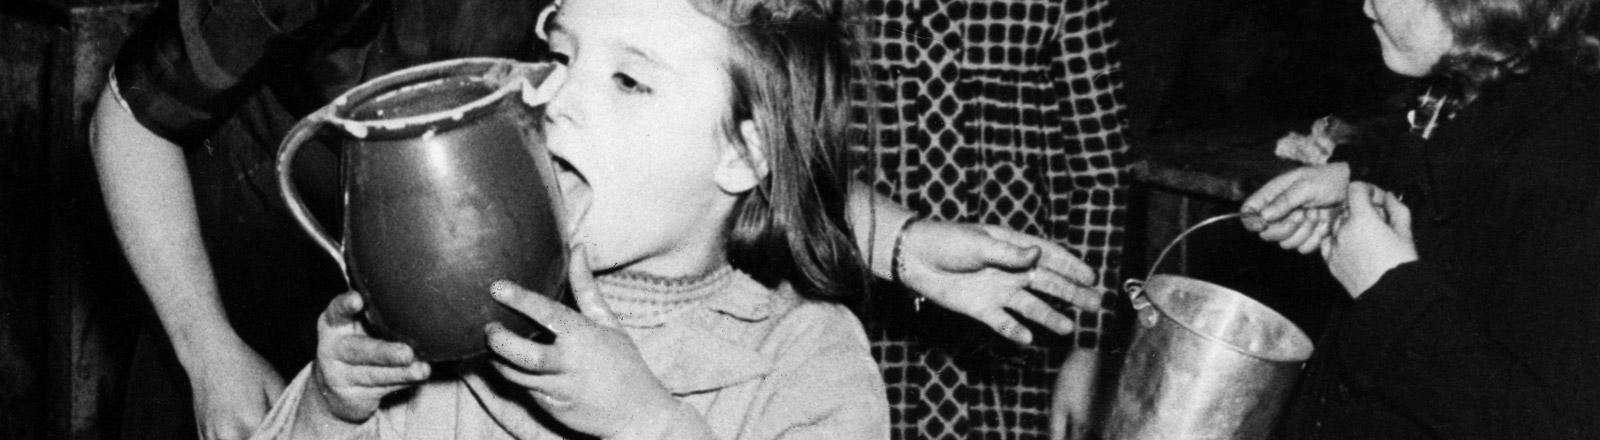 Kinder in Zeiten des zweiten Weltkrieges